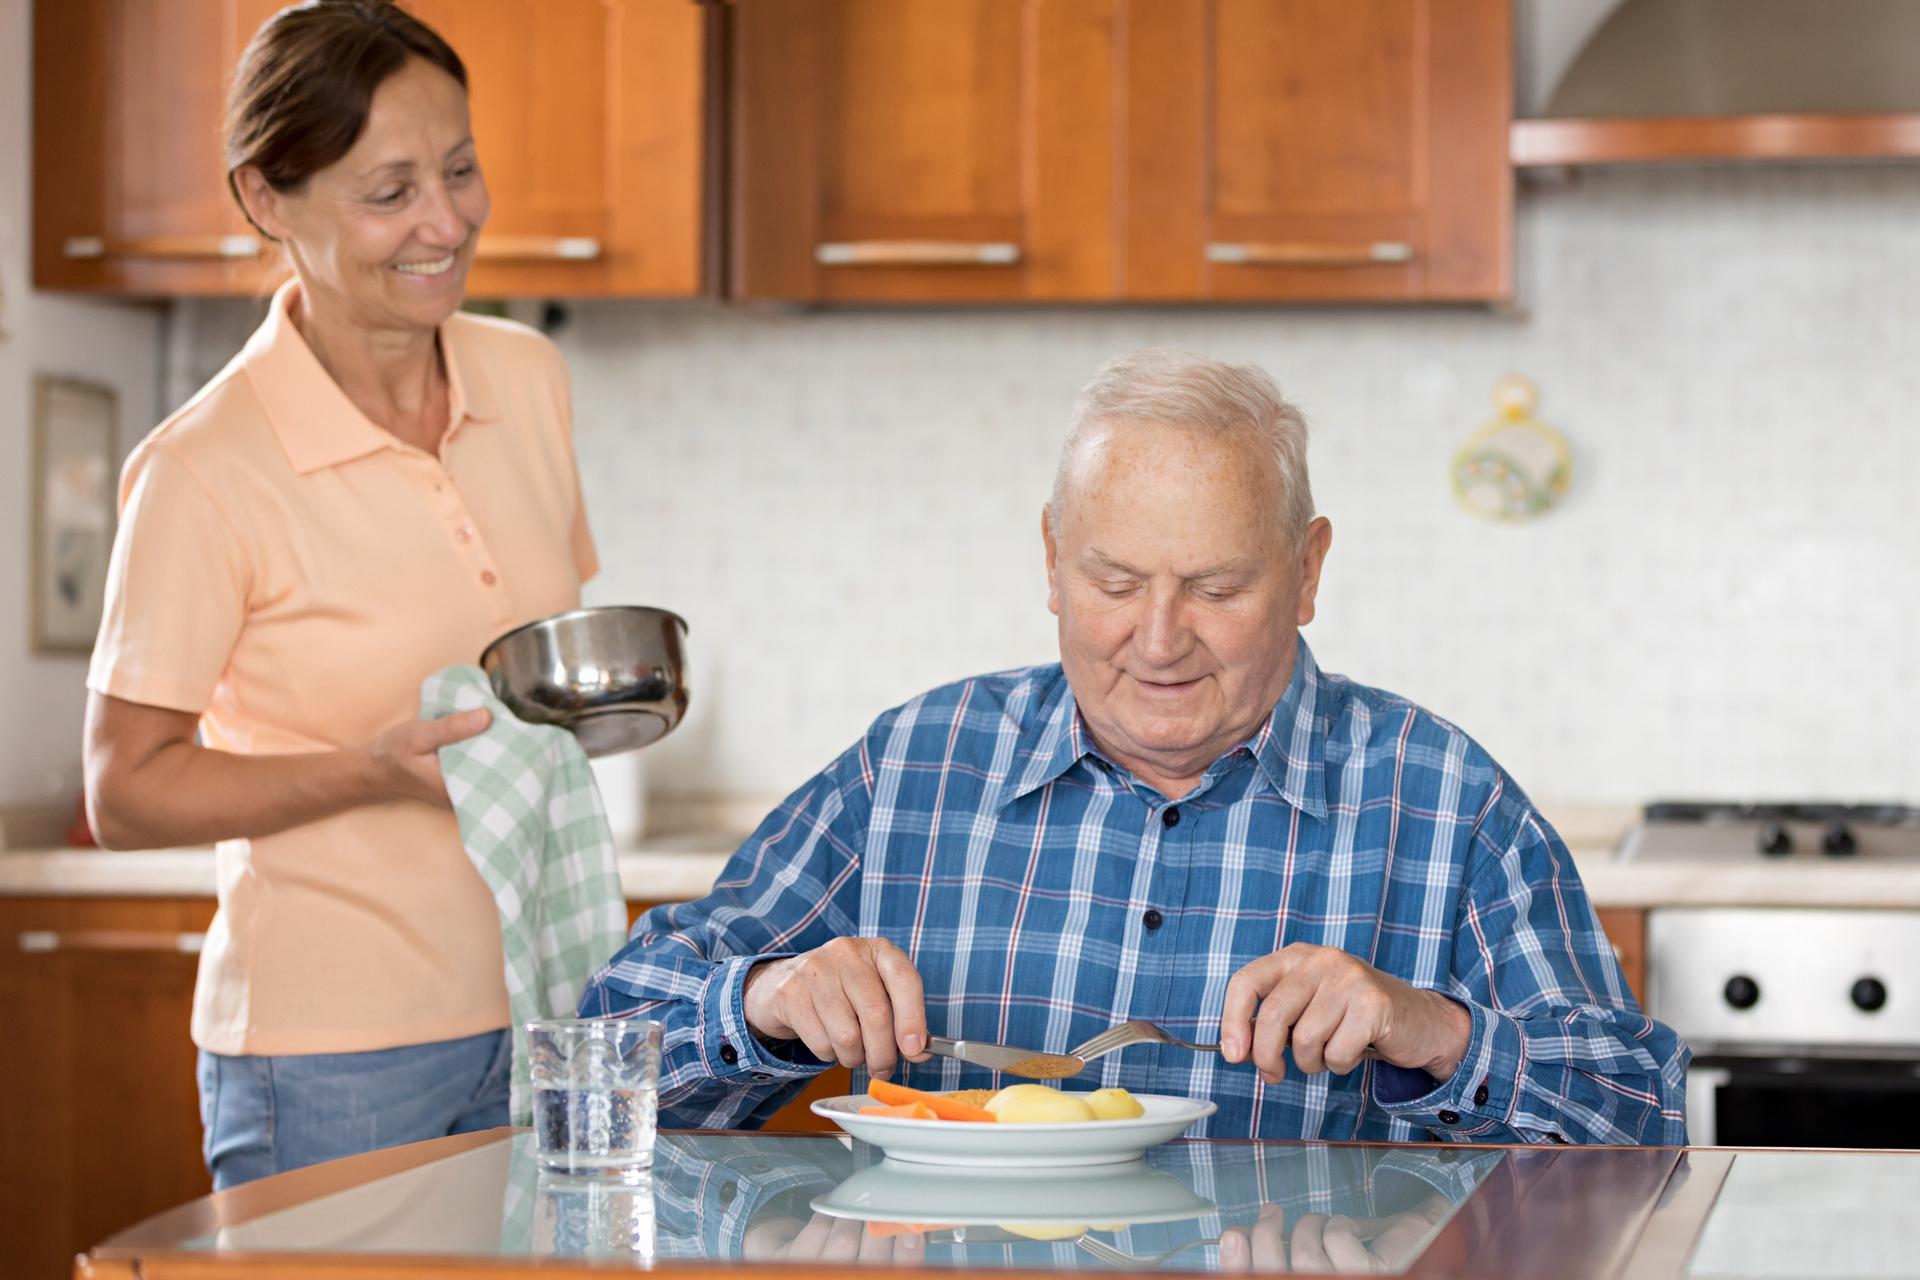 雇用相對低廉的外籍看護,是義大利目前普遍流行的照護選擇。如同目前臺灣多以「移工」取代外勞、瑪麗亞稱呼,近年義大利也逐漸改稱 family assistant,不再用有汙名意涵的 badanti。 圖│ iStock